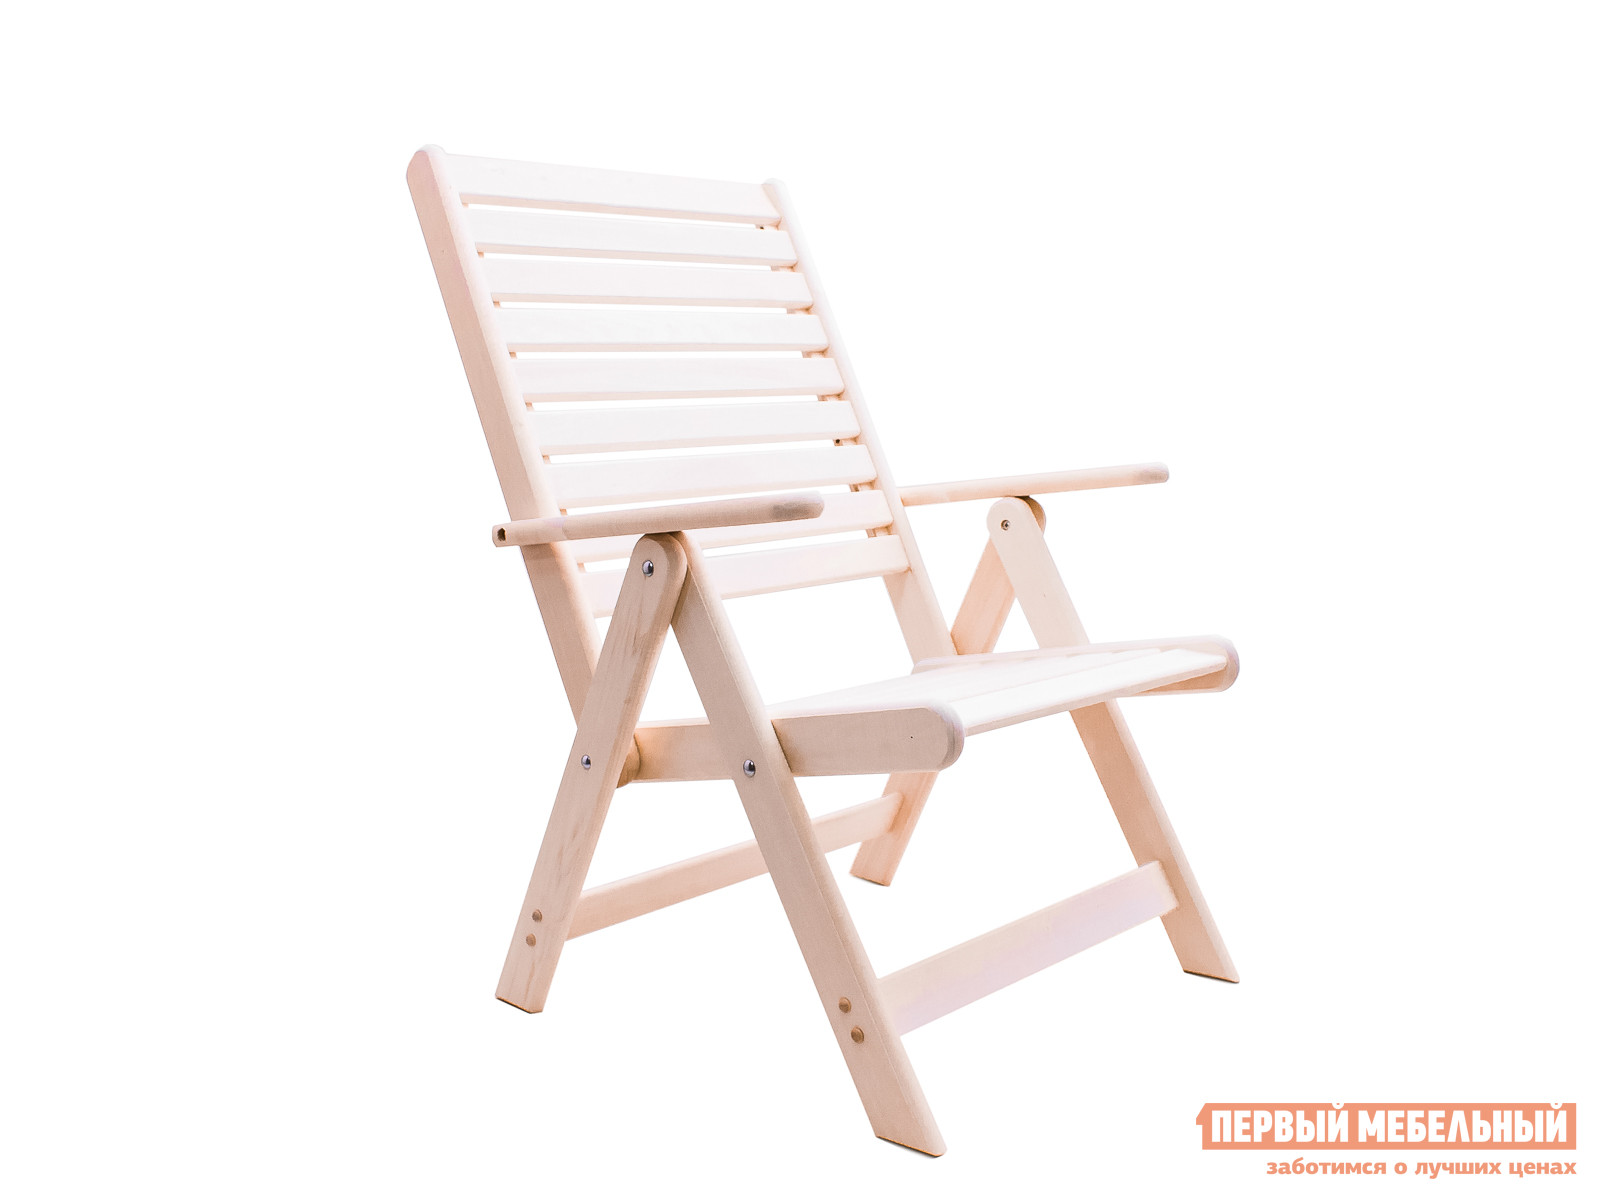 Деревянное садовое раскладное кресло с подлокотниками МариМебель Ганро boyscout кресло кемпинговое раскладное с подлокотниками в чехле 84x53x81см